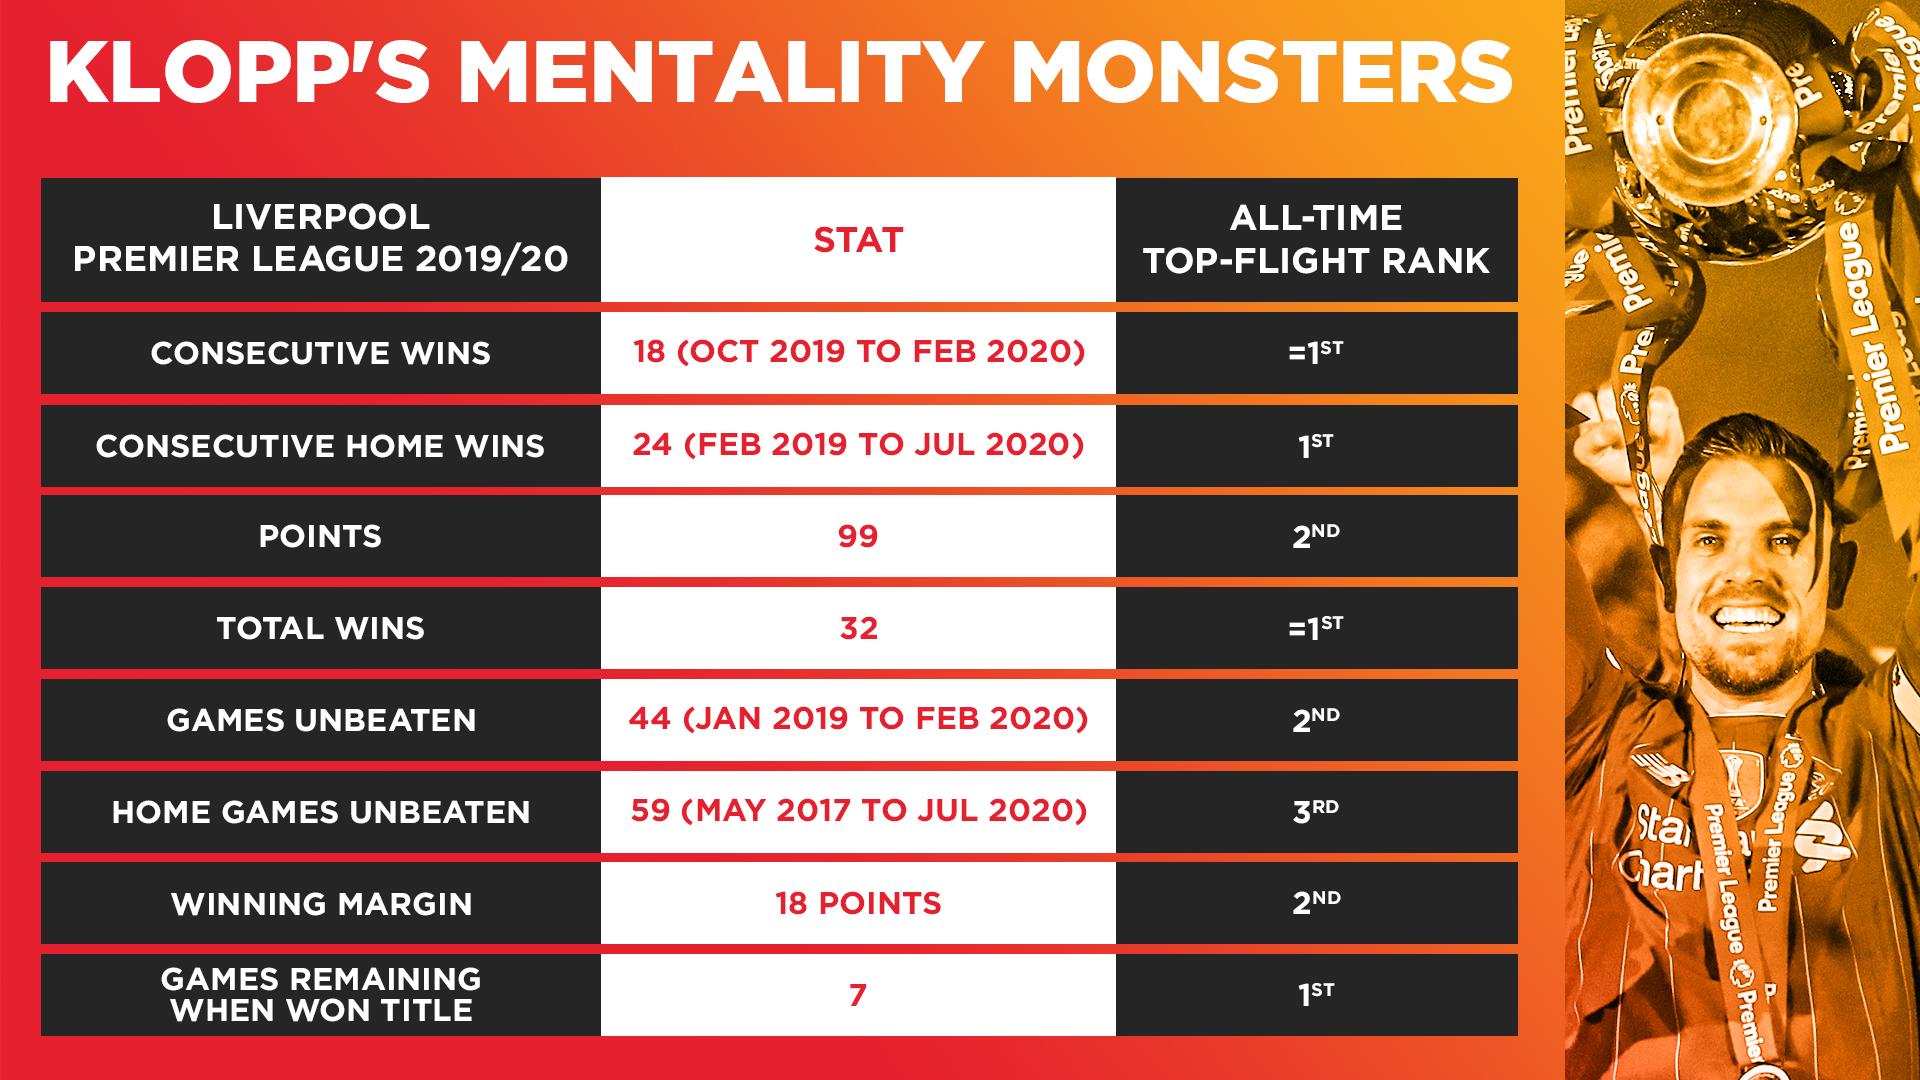 Klopp's mentality monsters